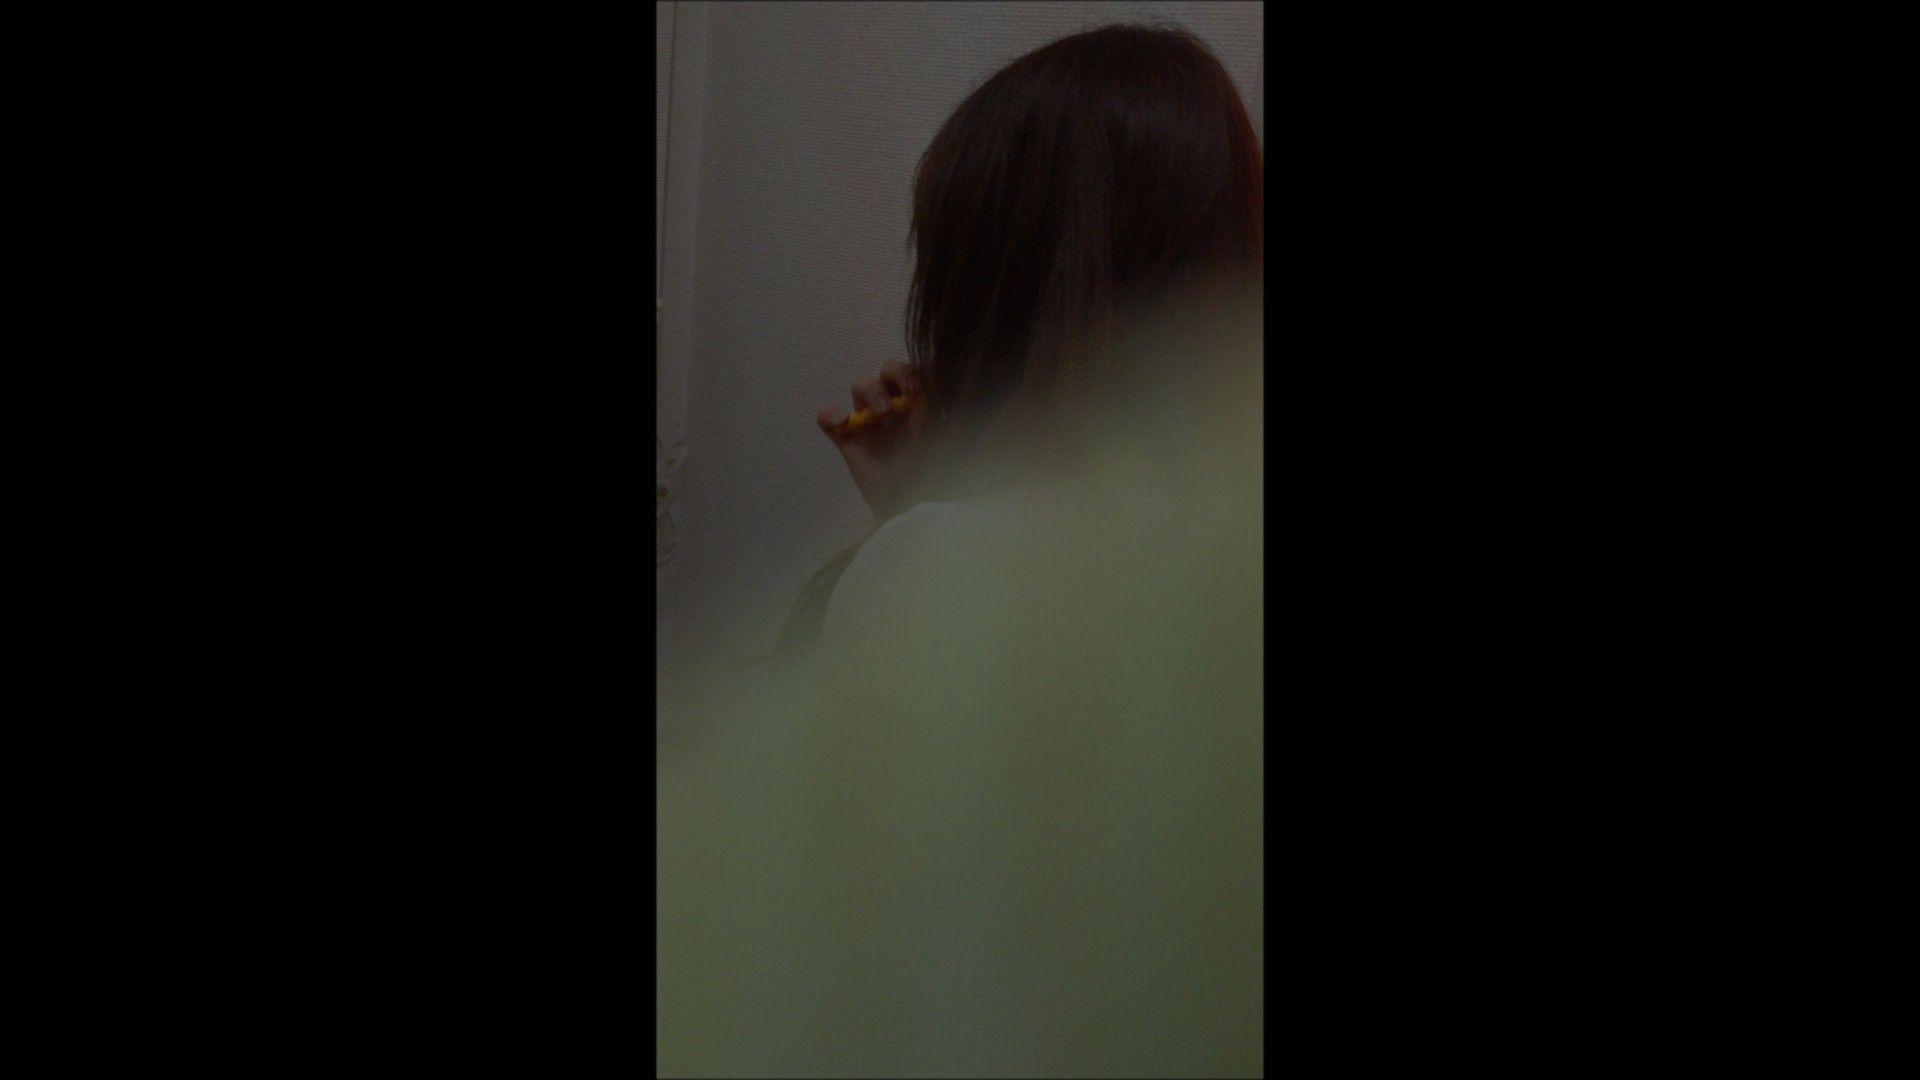 08(8日目)メイク中の彼女の顔を撮りました! 盗撮大放出 性交動画流出 51連発 46